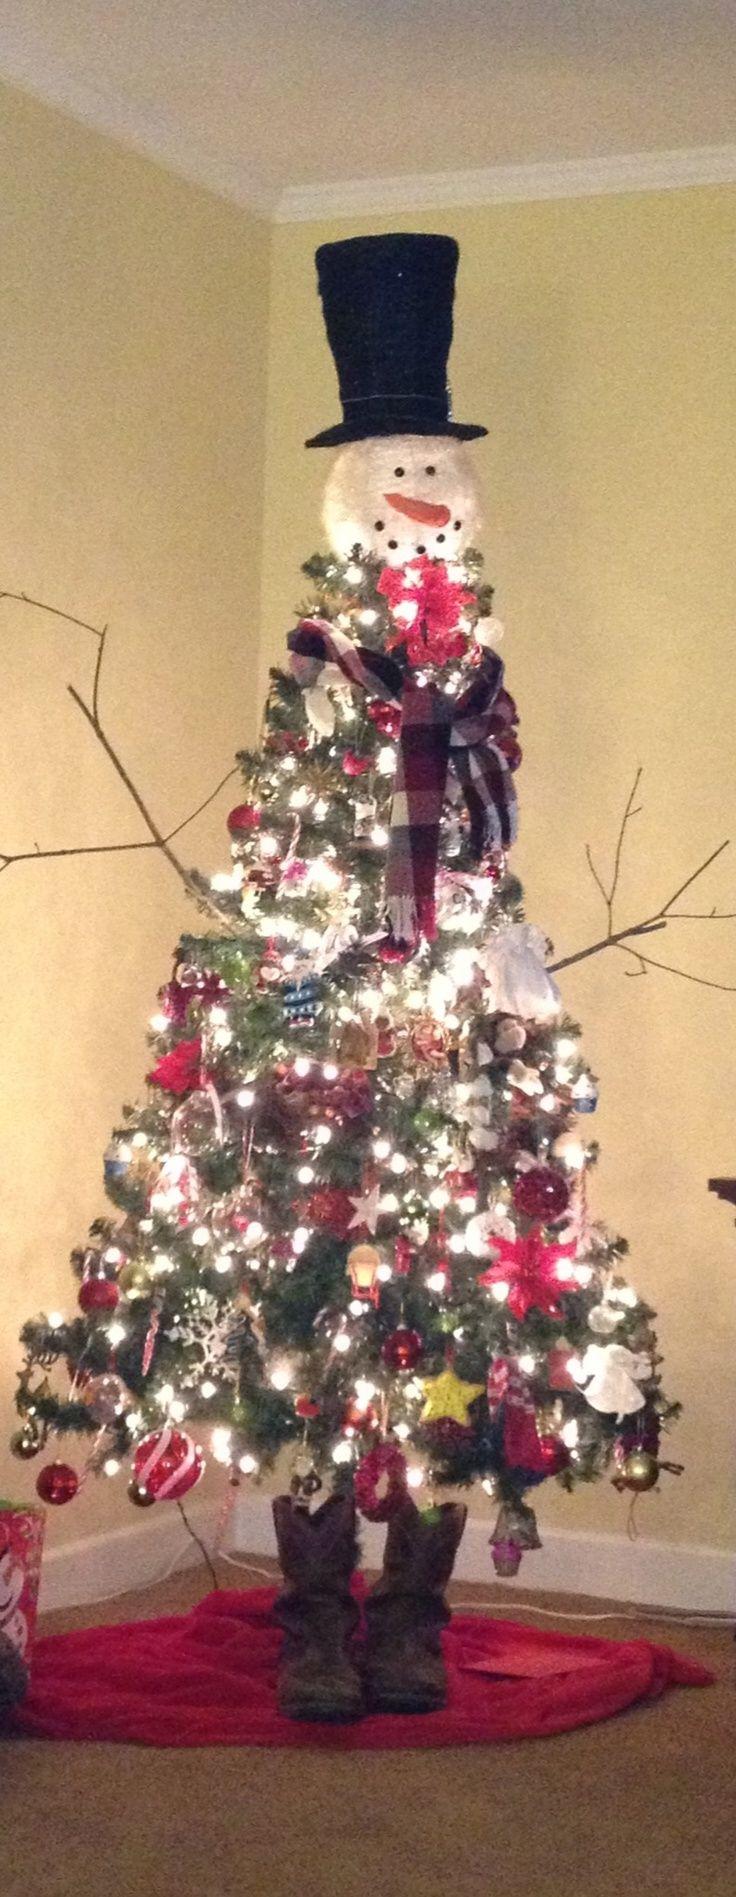 Unusual Christmas Tree Best 25 Unusual Christmas Trees Ideas On Pinterest  The White